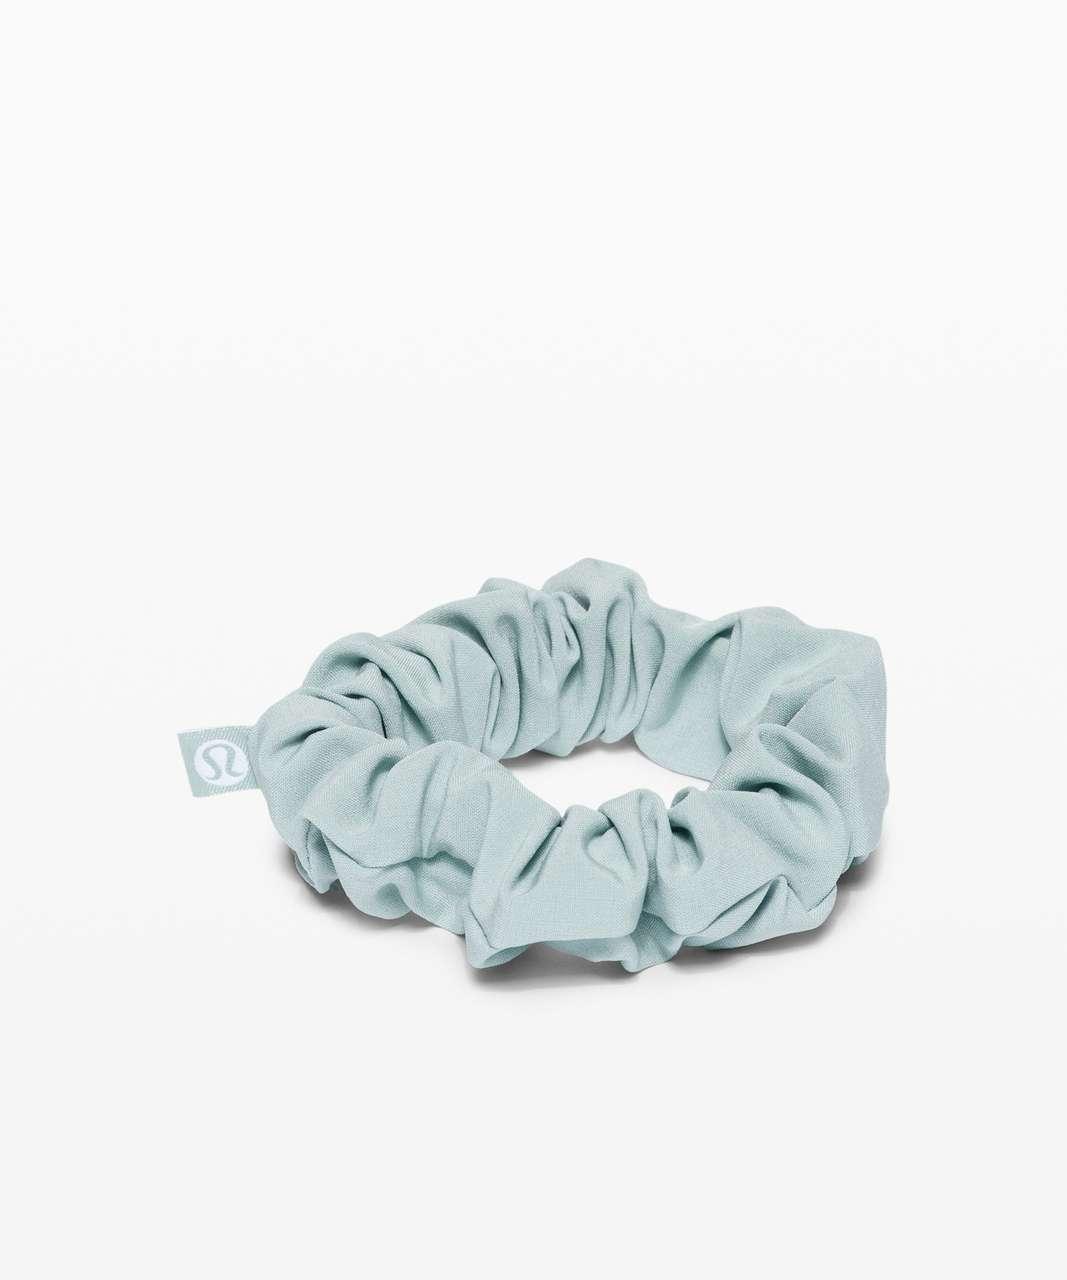 Lululemon Uplifting Scrunchie - Hazy Jade